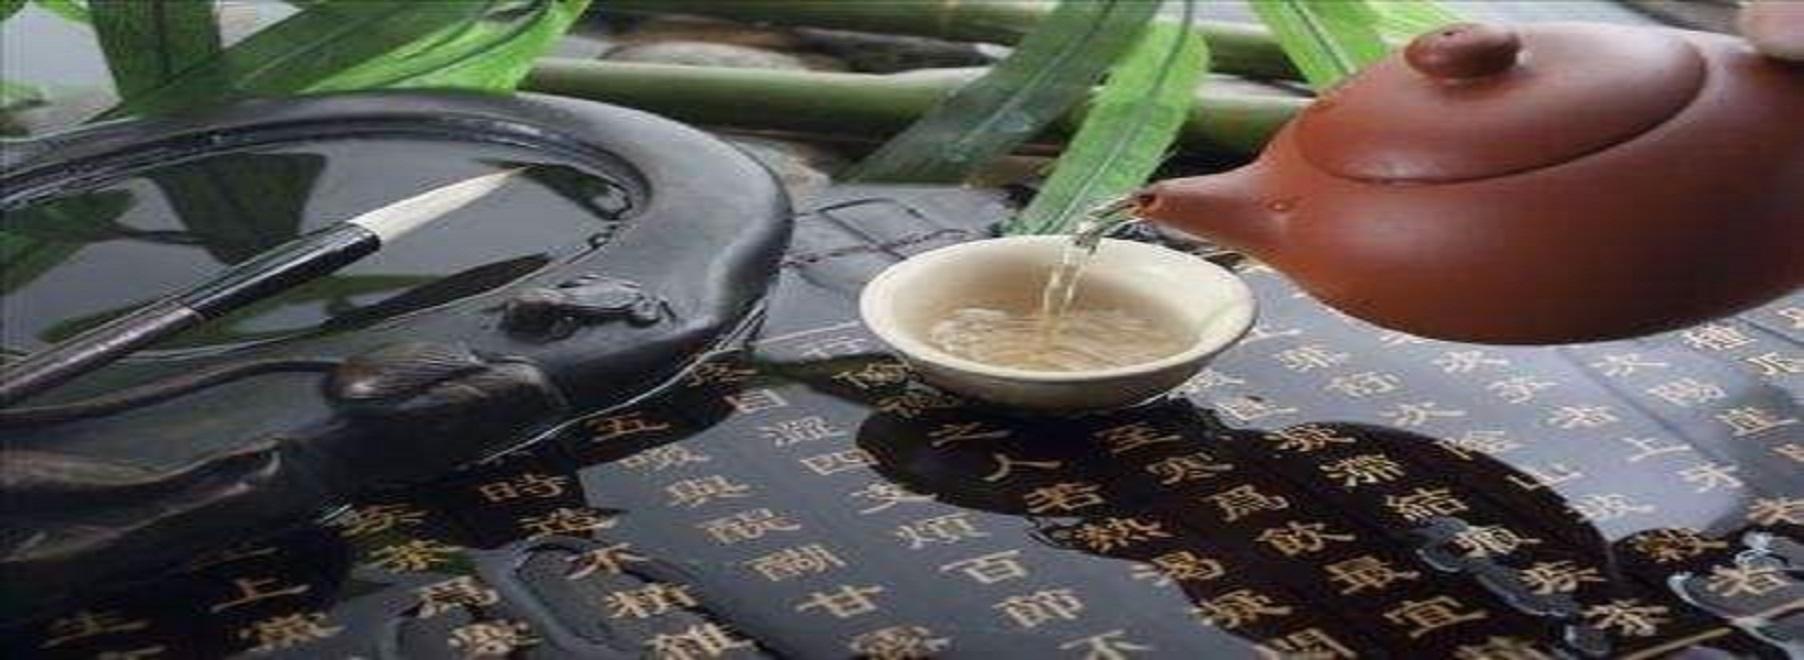 國際茶葉標準化會議在杭州召開